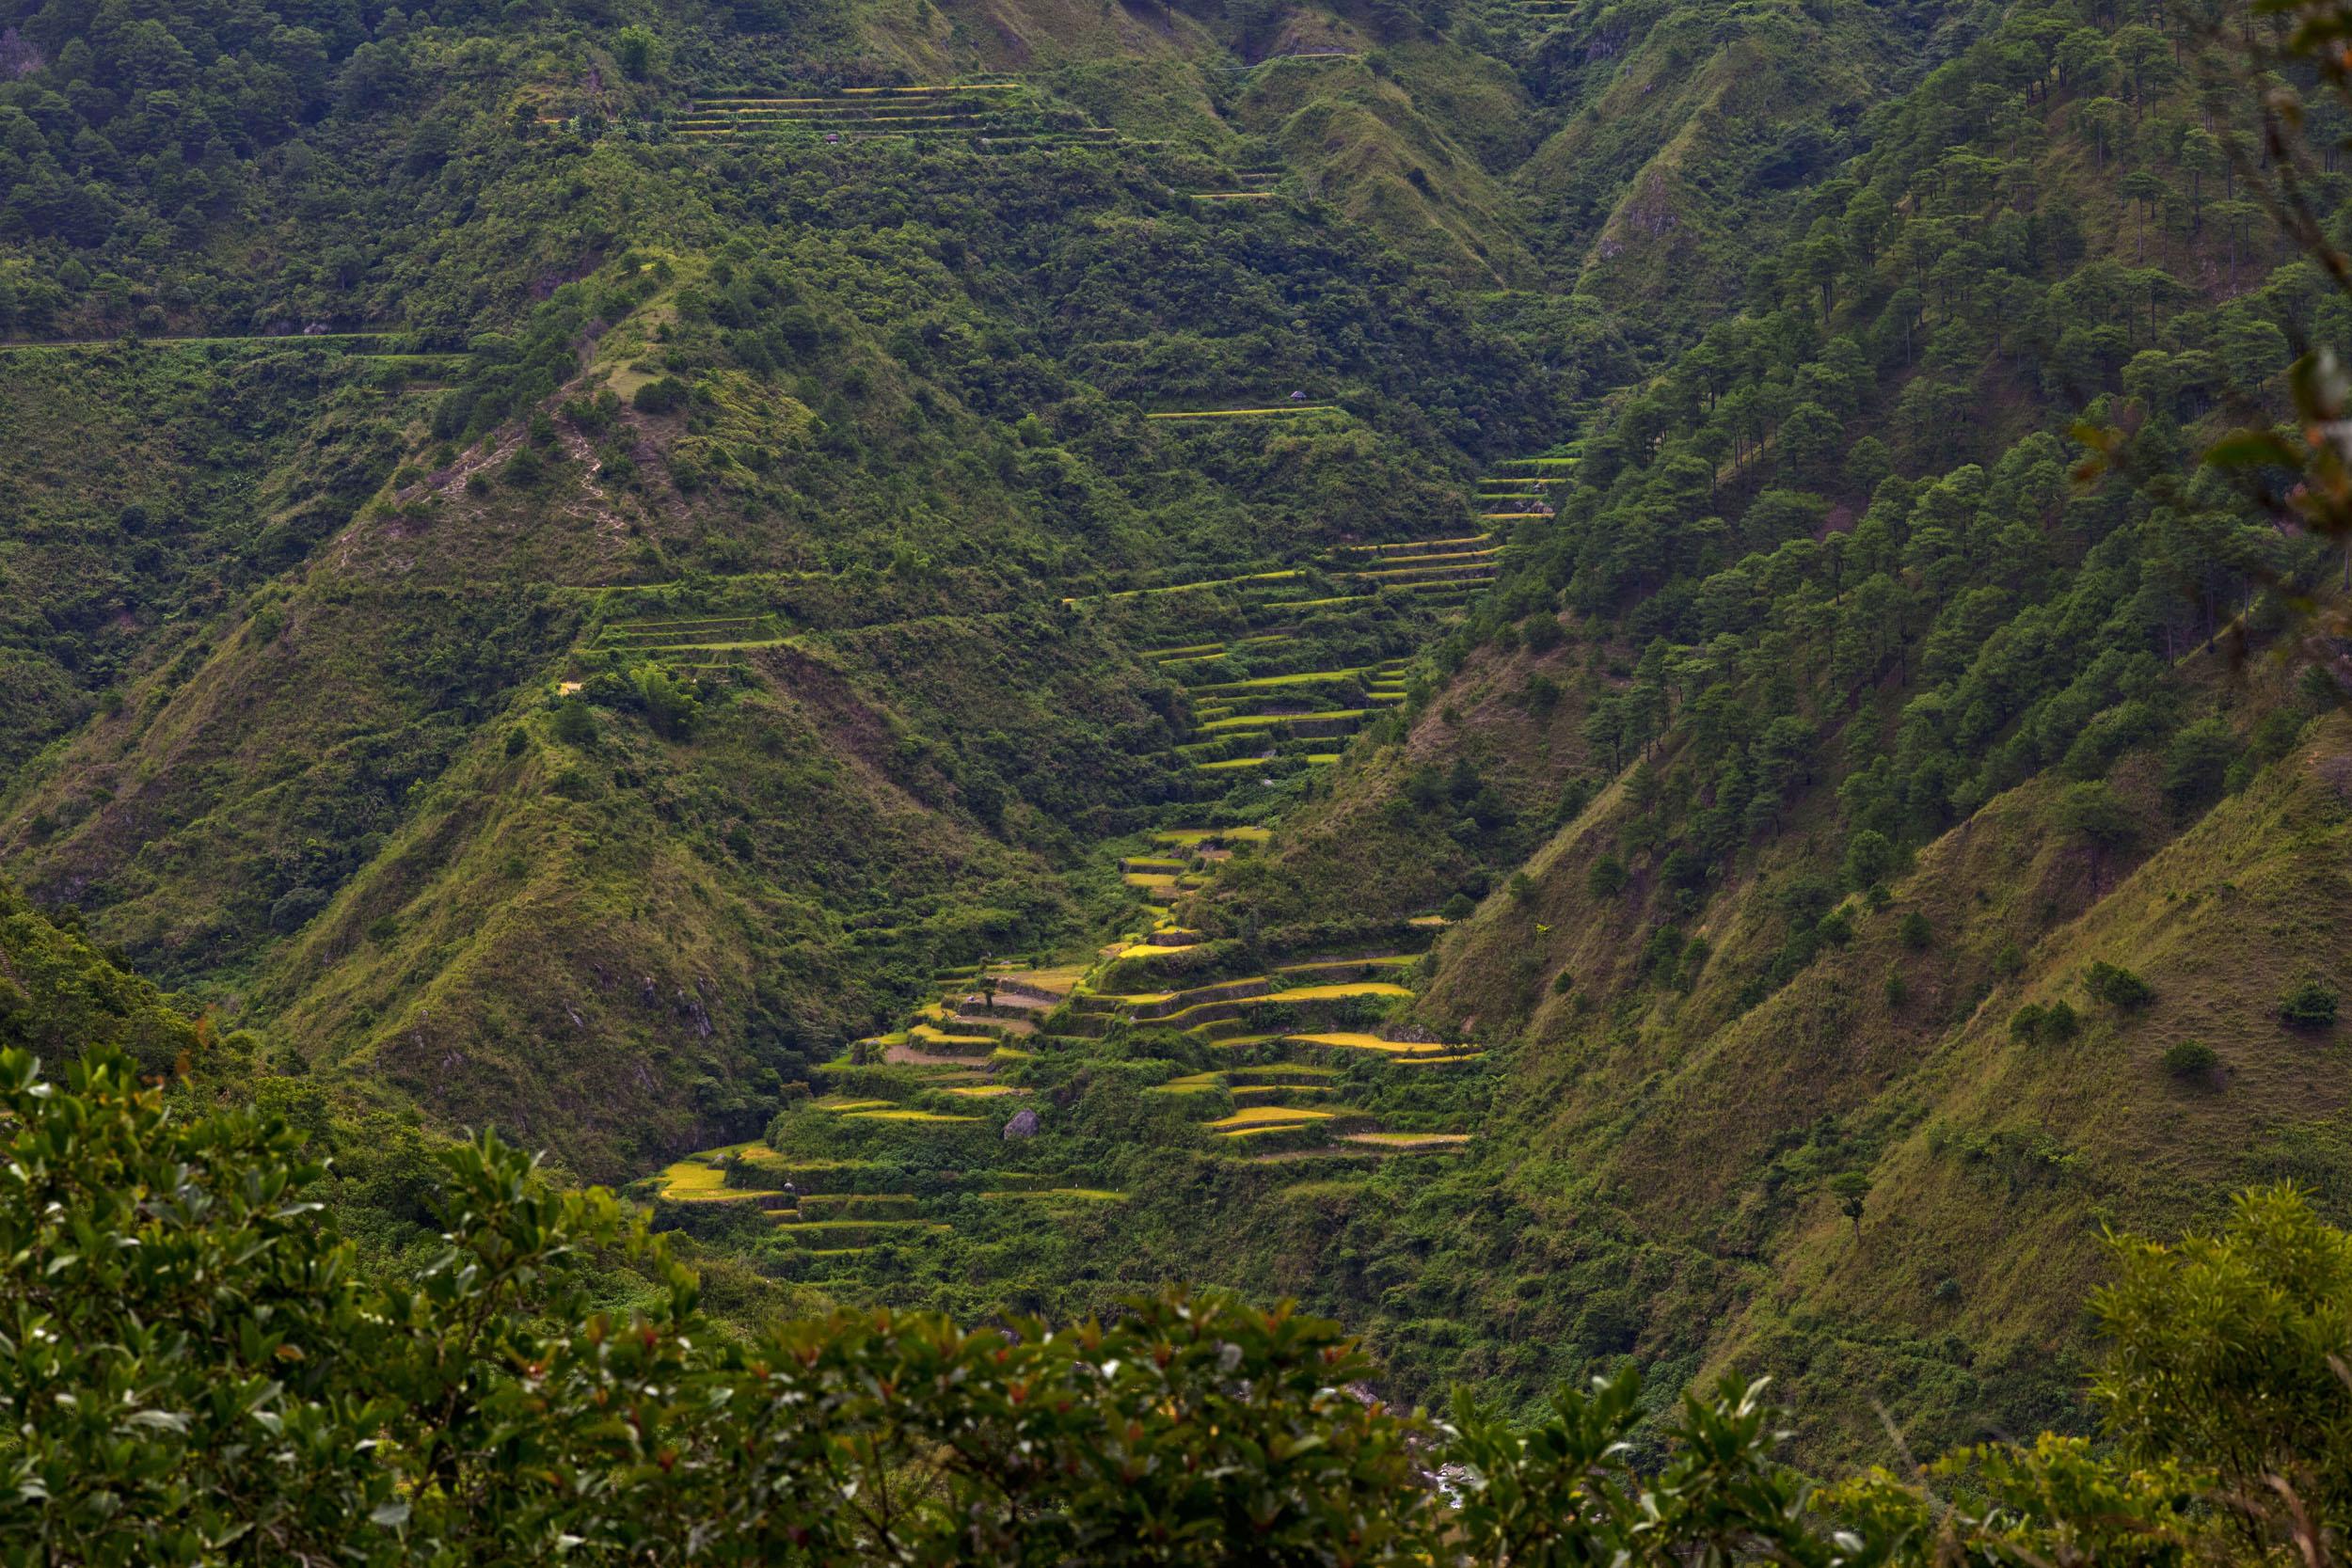 Panoramic views along the Kabayan Rd Halsema Highway from Baguio to Sagada Aug 2011 20